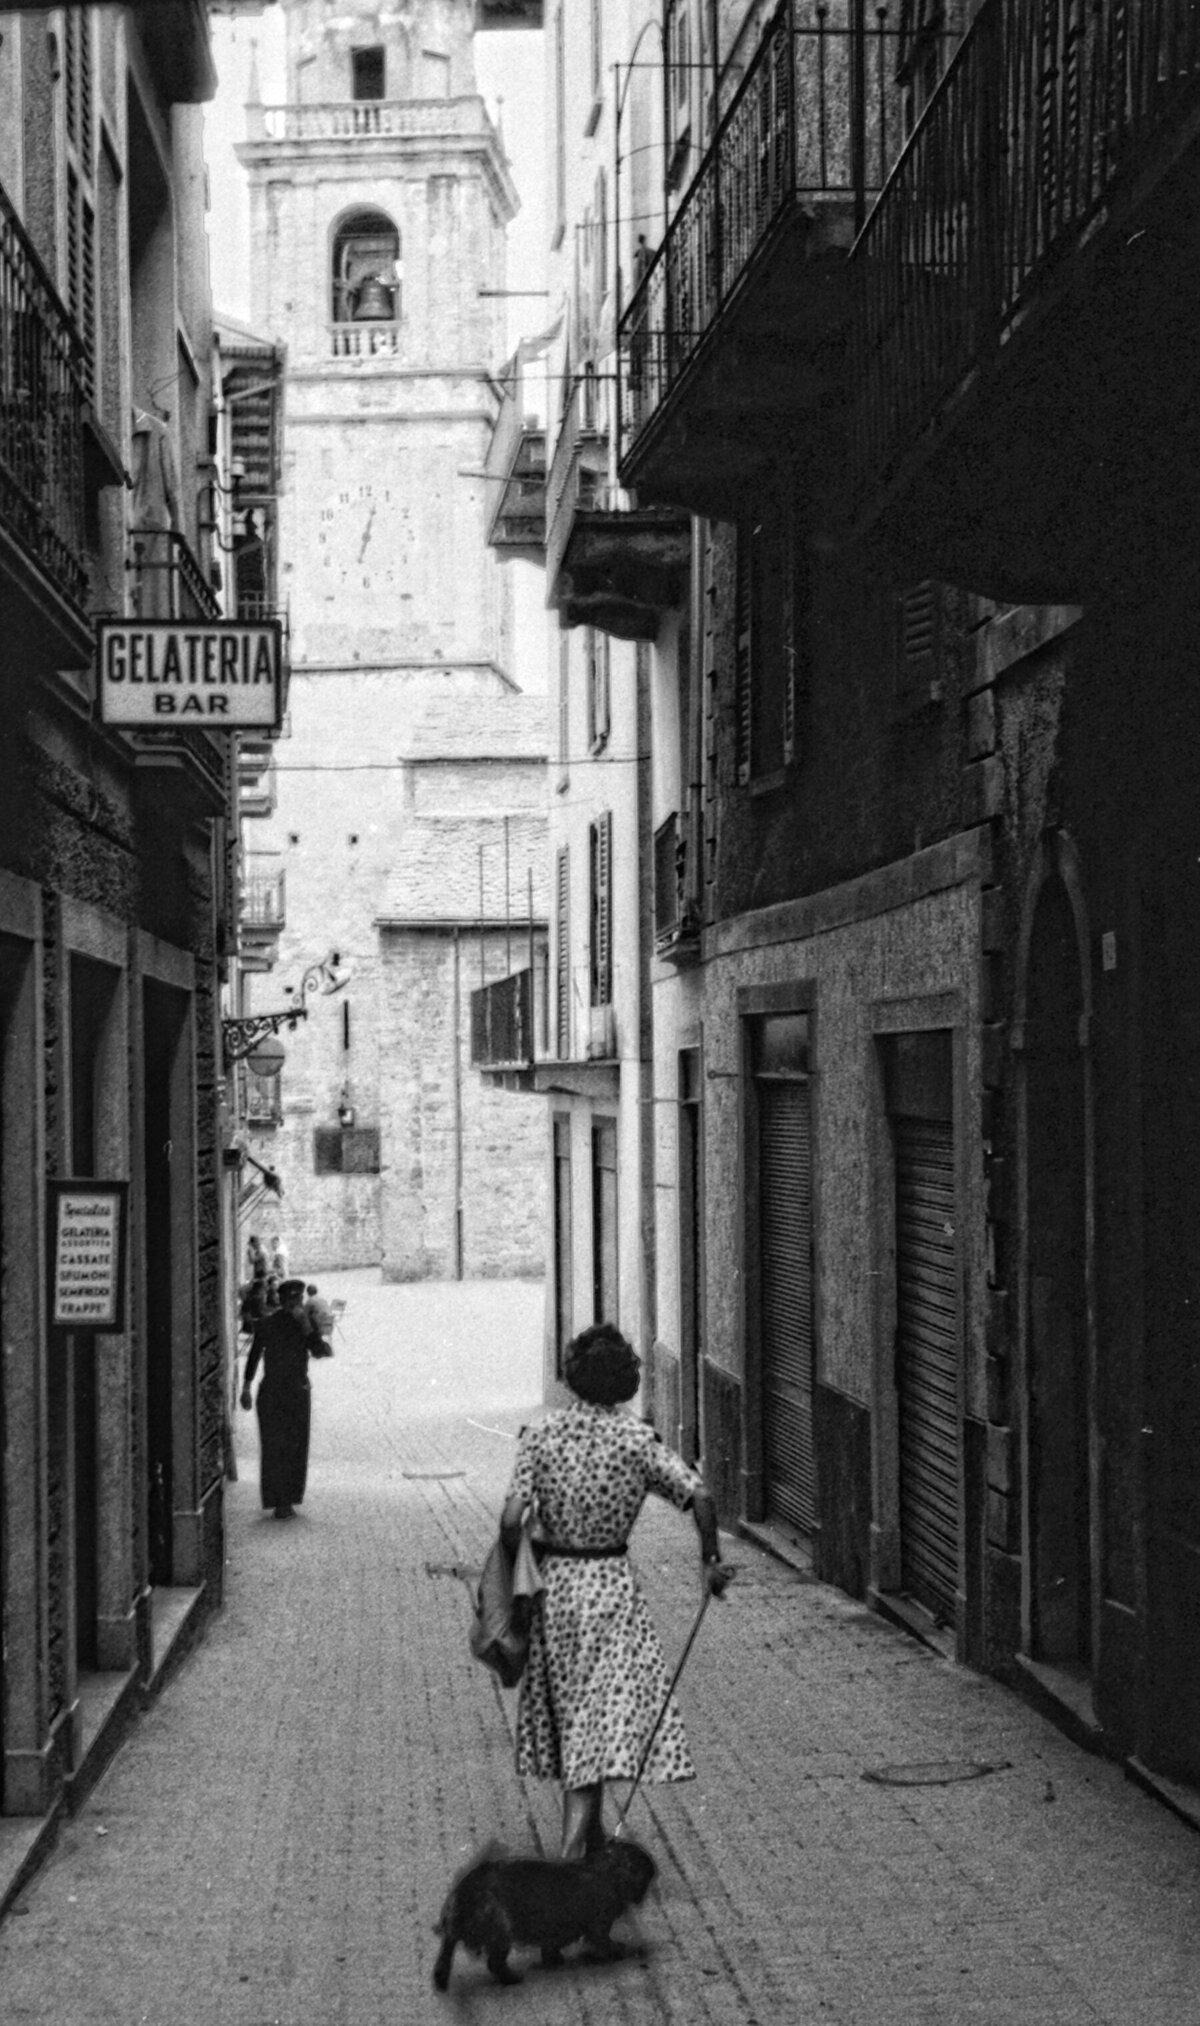 Người phụ nữ dắt chó đi dạo trên một con phố lát đá. Ảnh: Bộ sưu tập của William Fagan